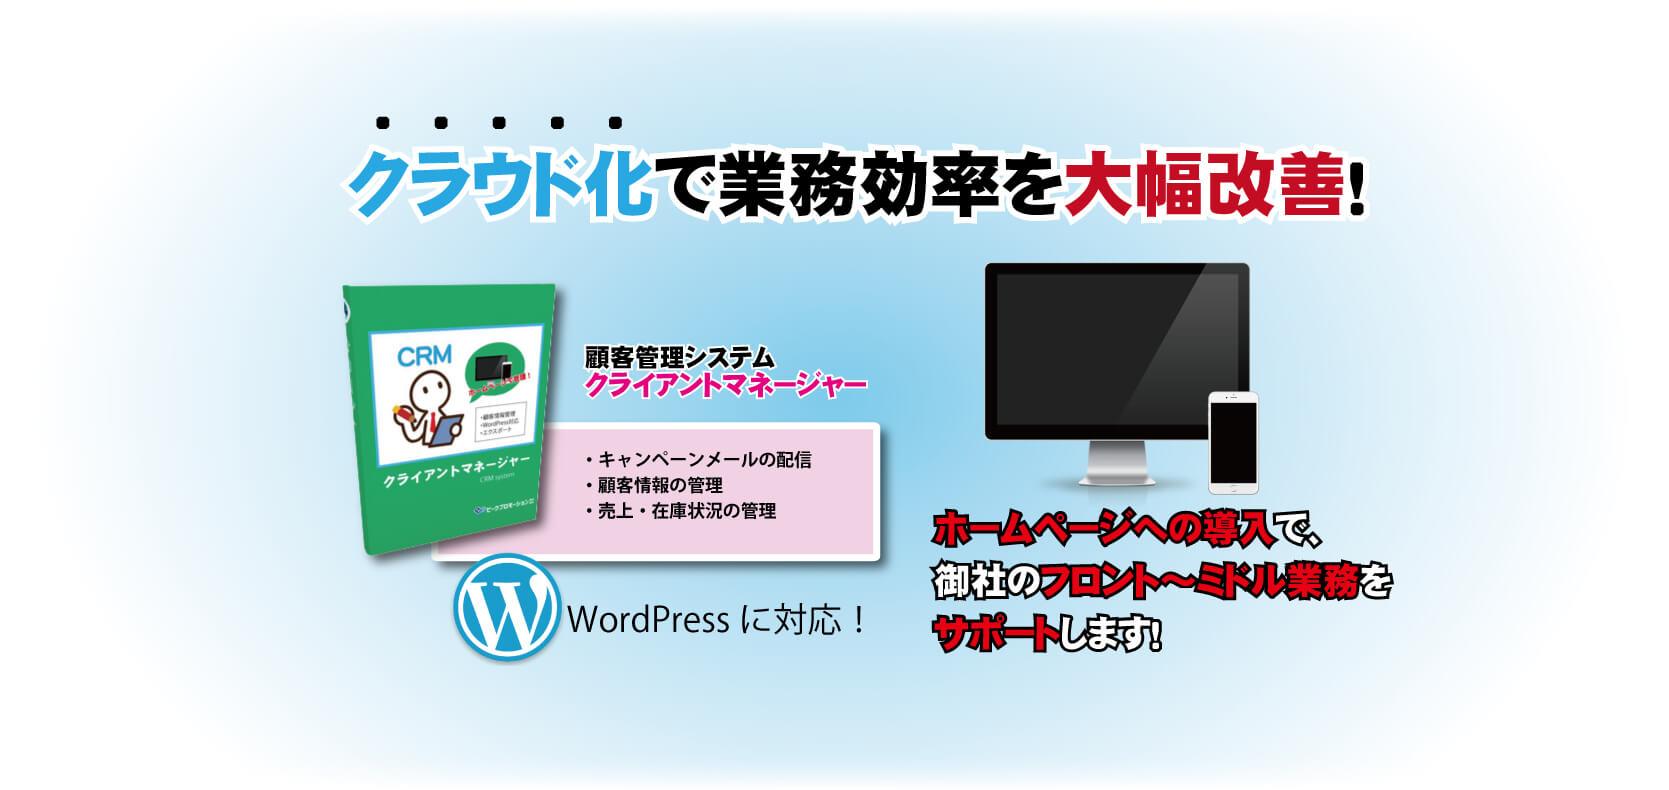 WEBシステムで最大効率化を